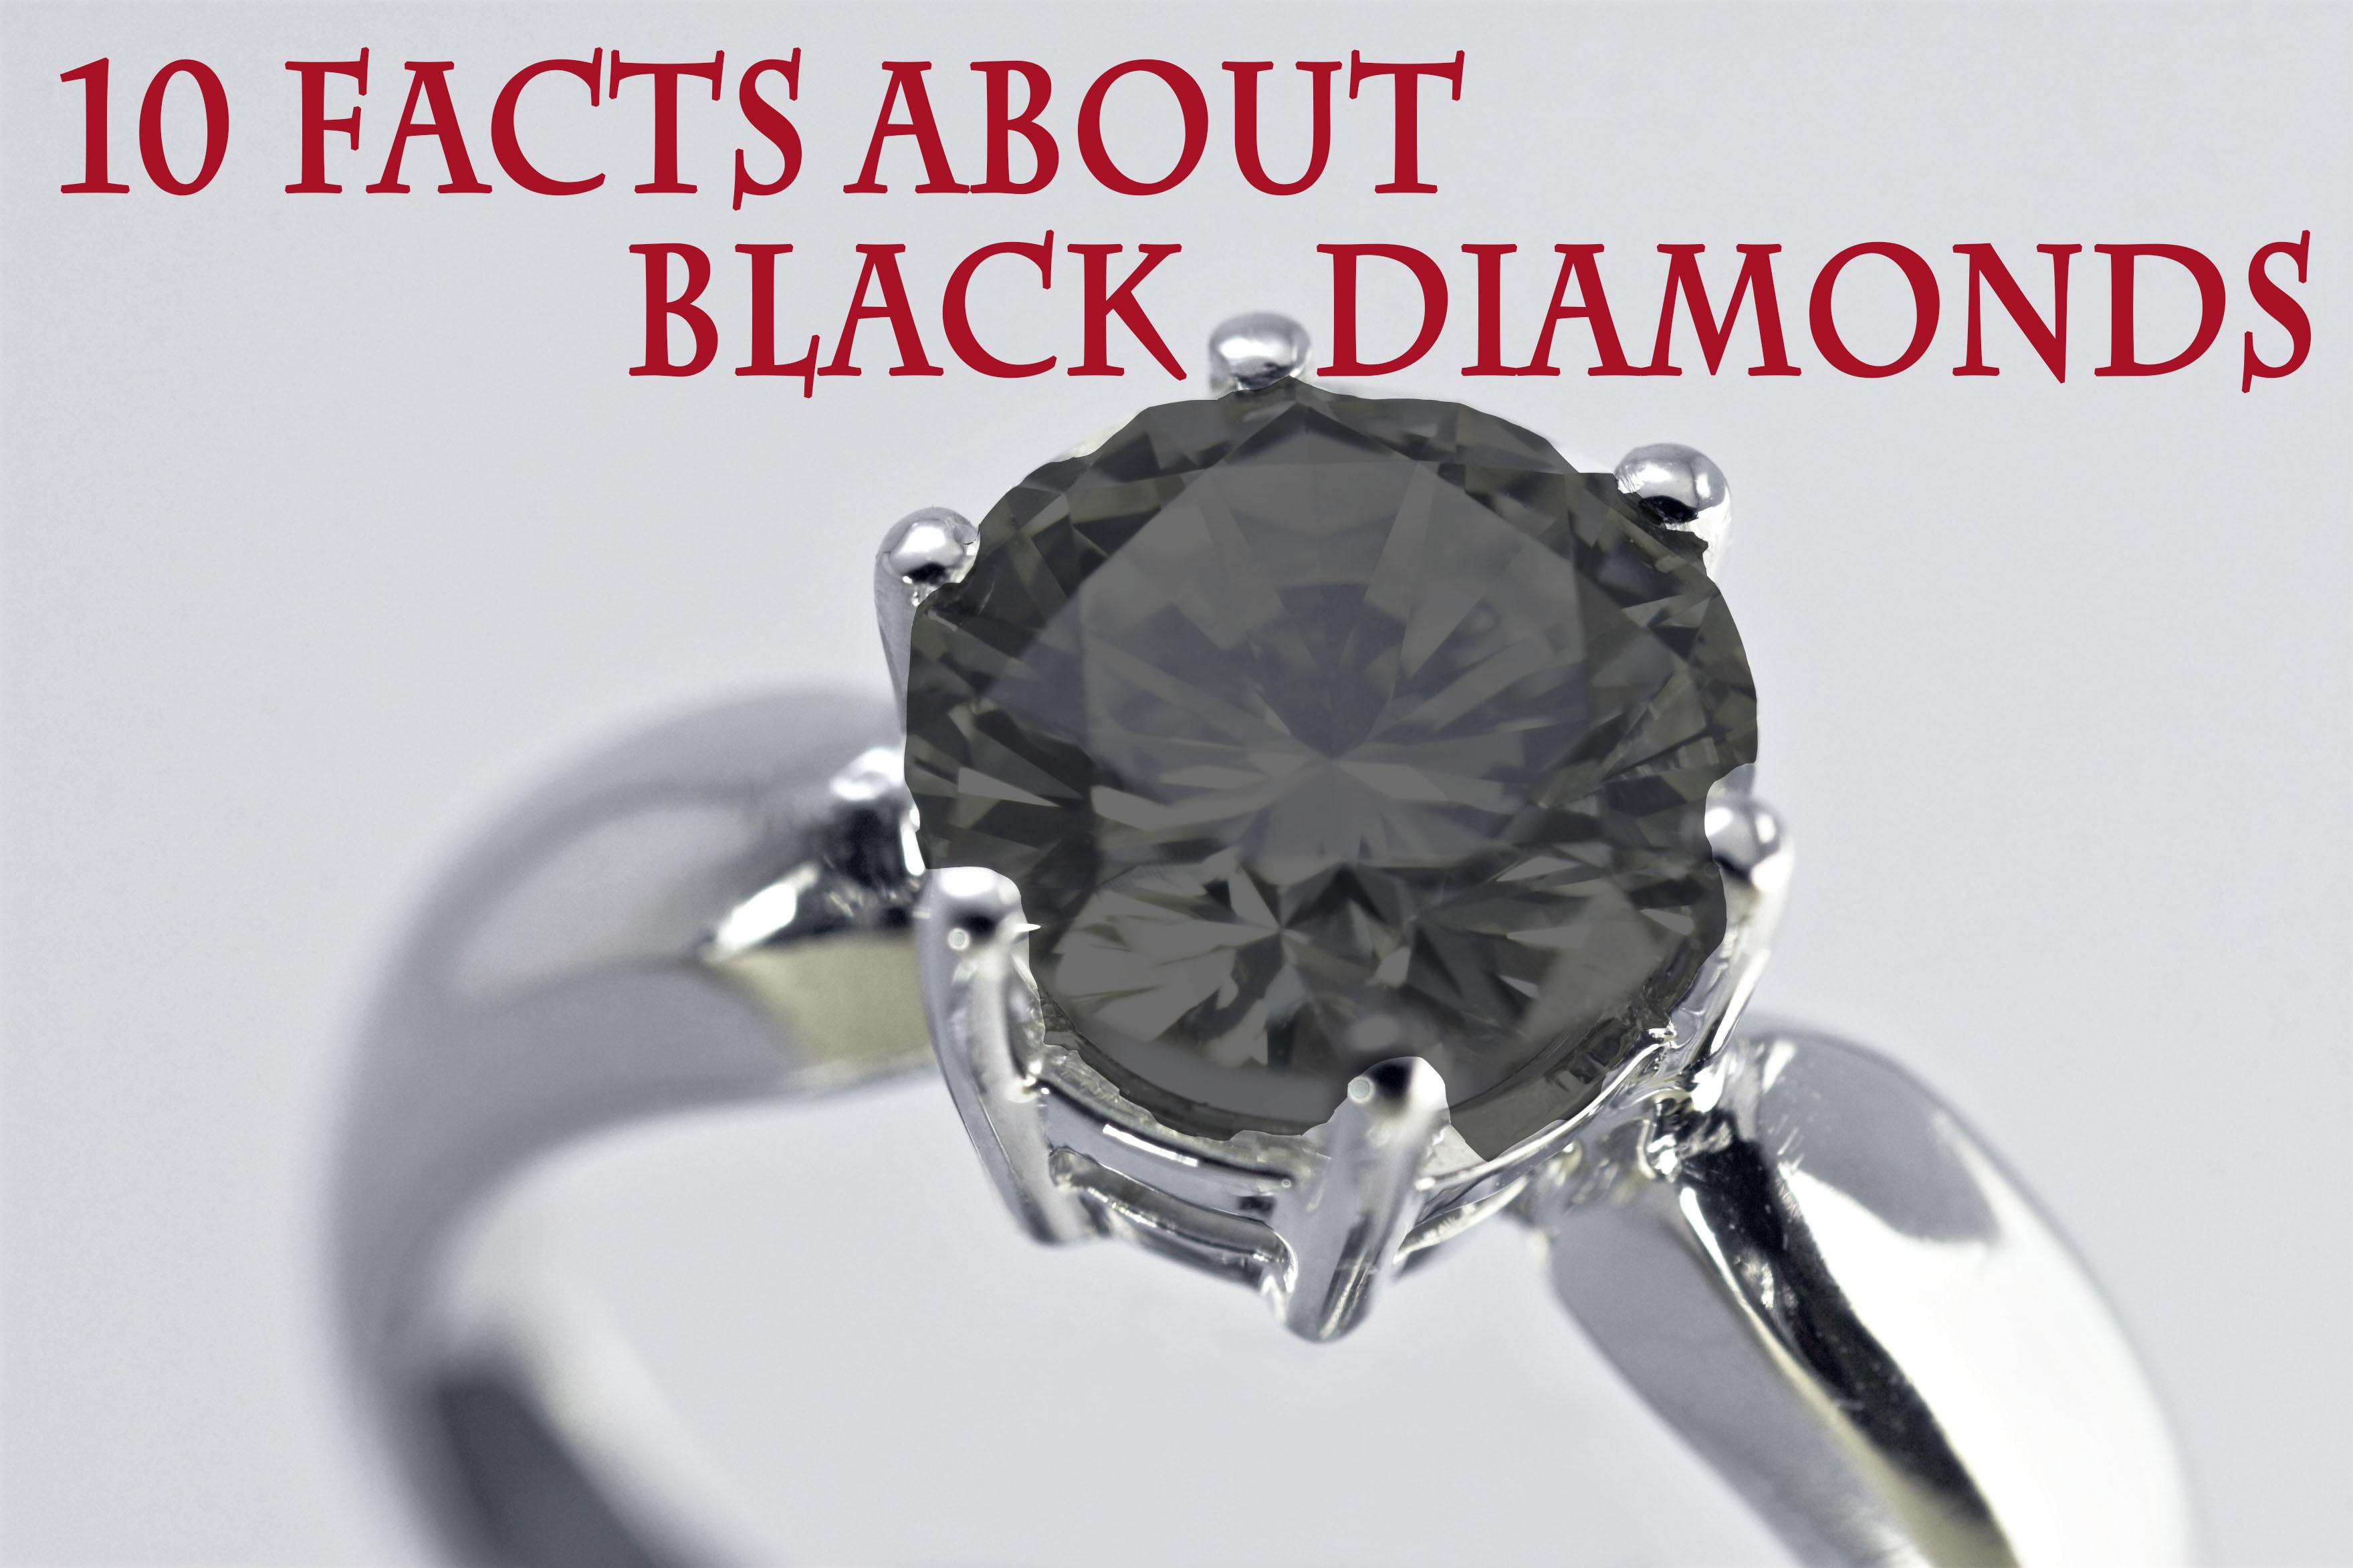 black_diamonds_facts.jpg